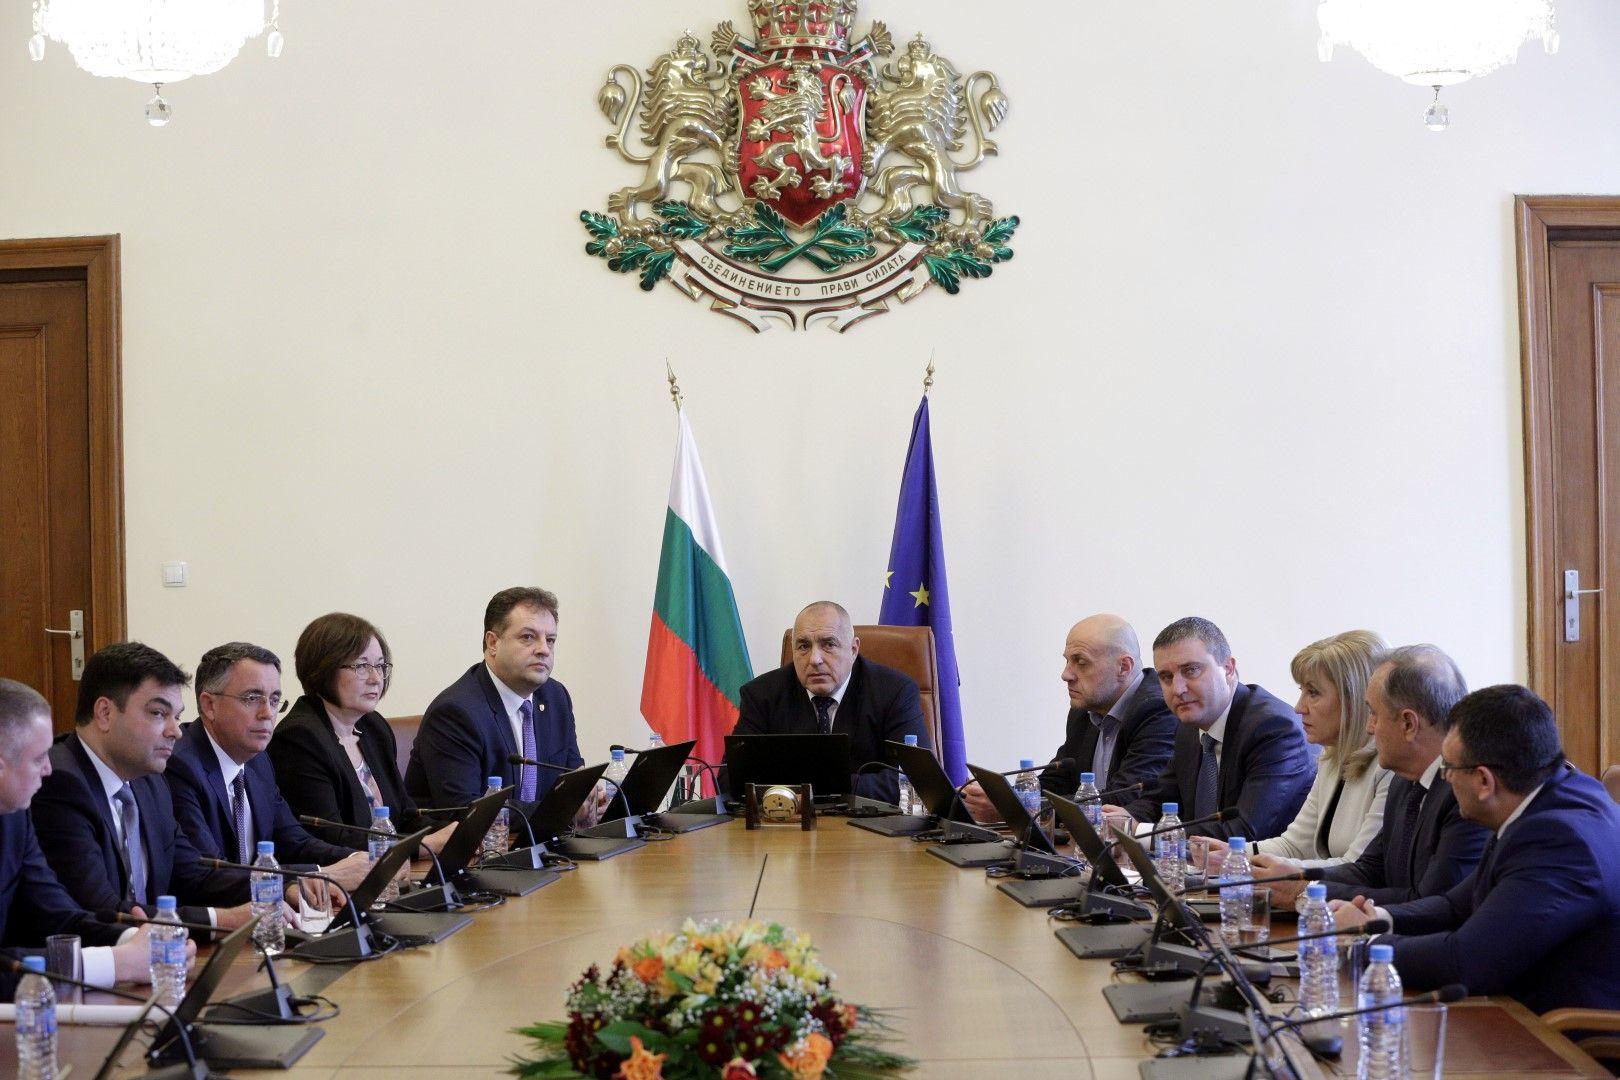 Премиерът Бойко Борисов (средата) се срещна в Министерския съвет с представители на Националното сдружение на общините в Република България